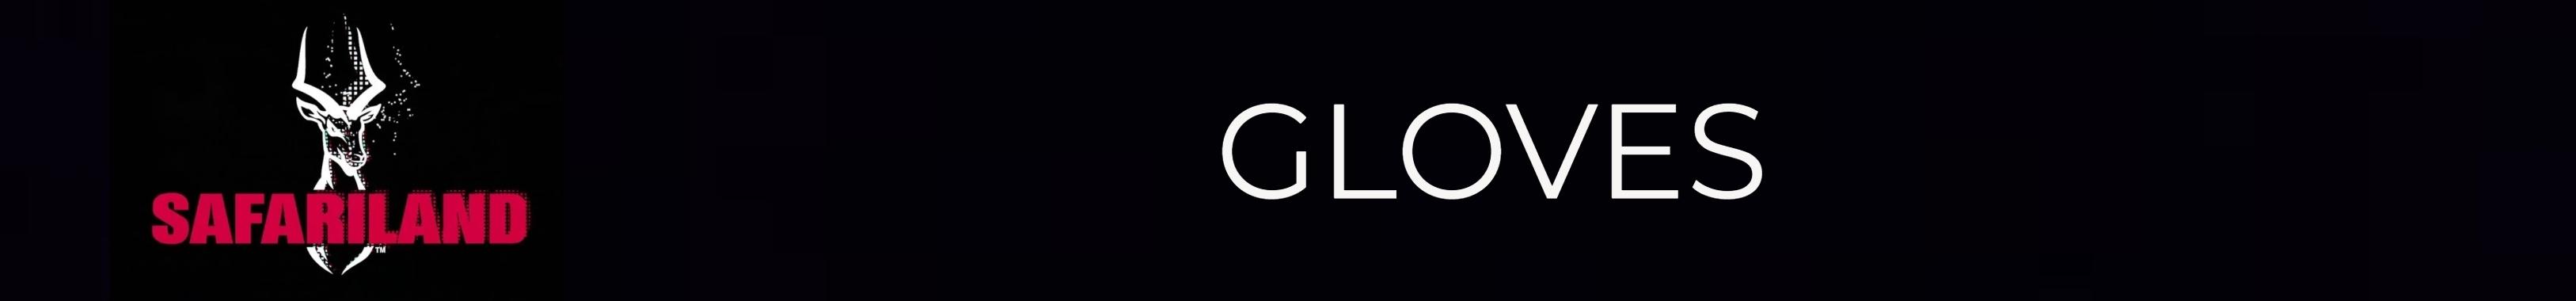 GLOVES190813.jpg